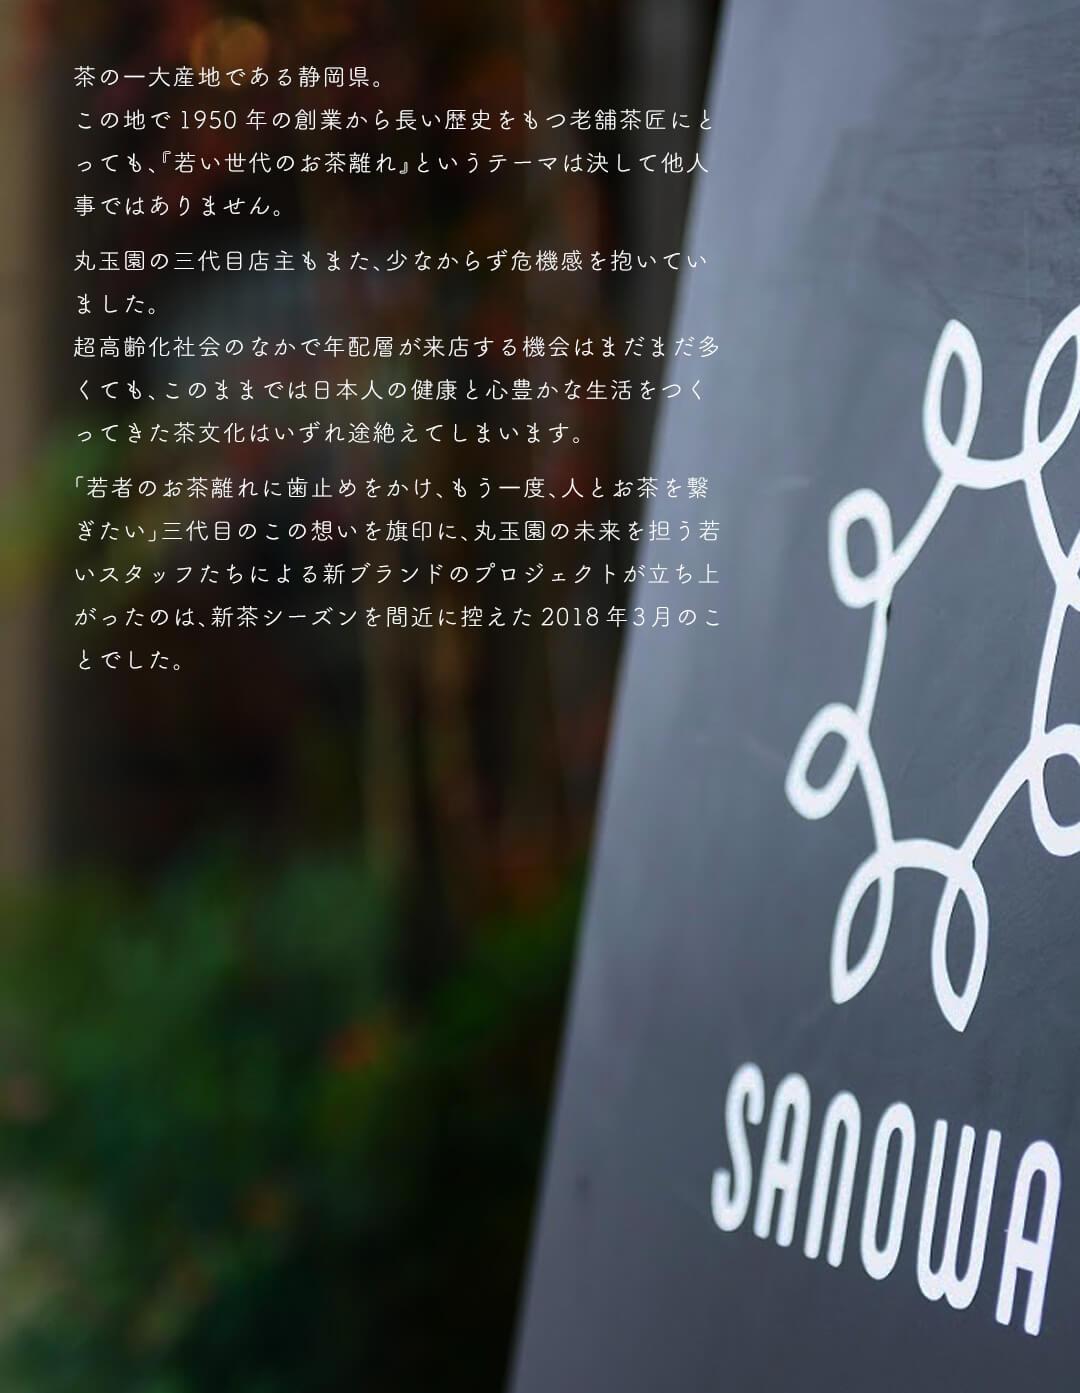 SANOWA ブランドストーリー執筆